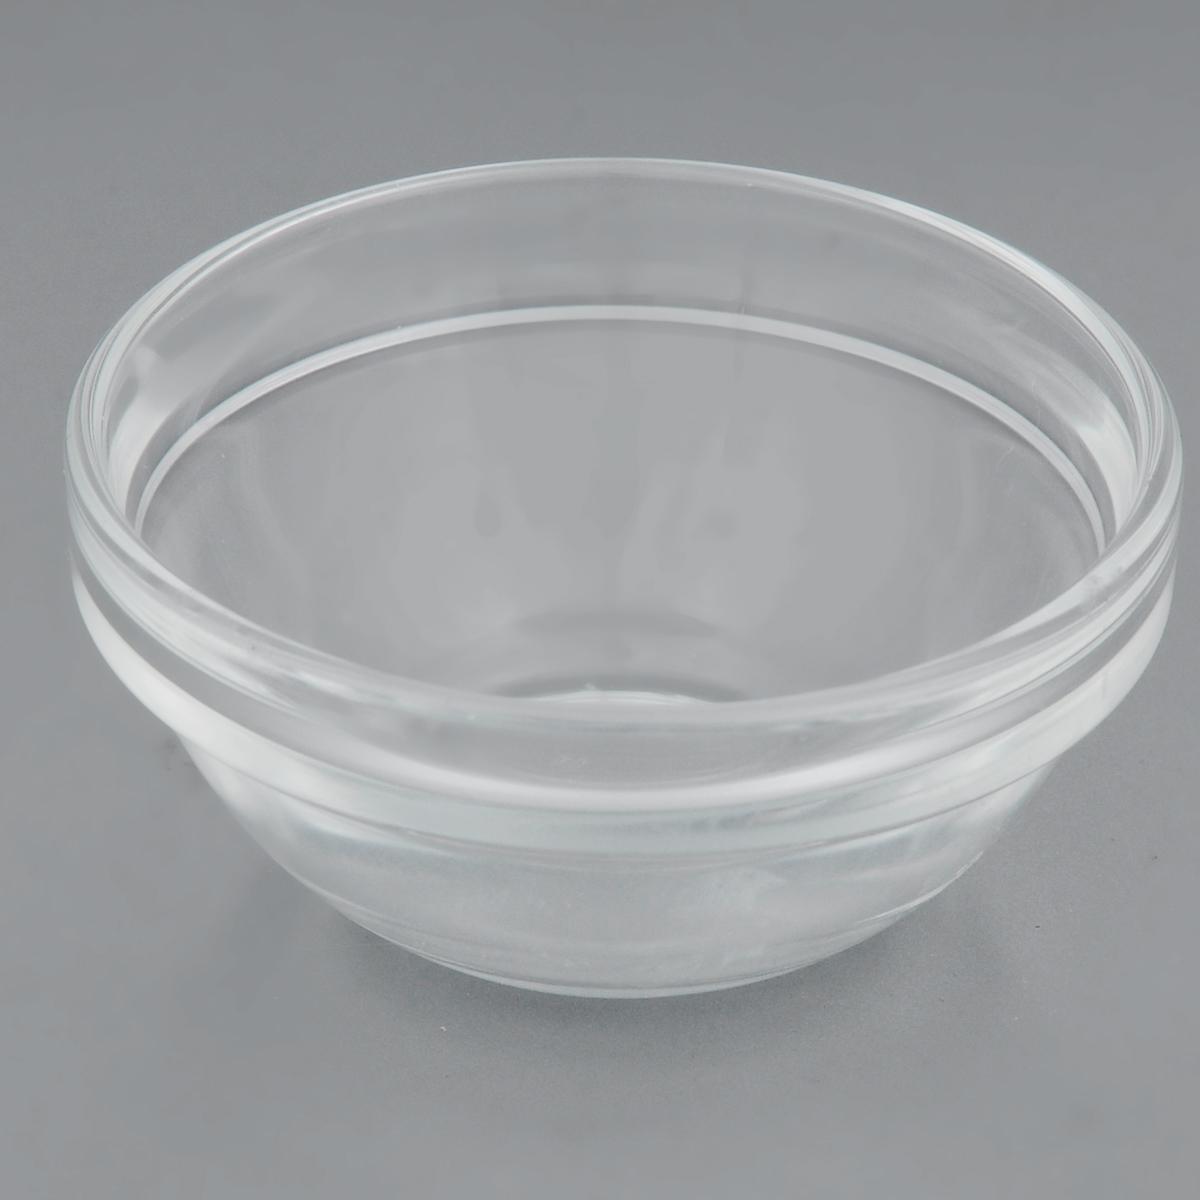 """Салатник Luminarc """"Удобное хранение"""" изготовлен из натрий-кальций-силикатного стекла и предназначен для красивой сервировки стола. Салатник сочетает в себе оригинальный дизайн и функциональность.   Диаметр (по верхнему краю): 7 см. Диаметр дна: 4 см."""